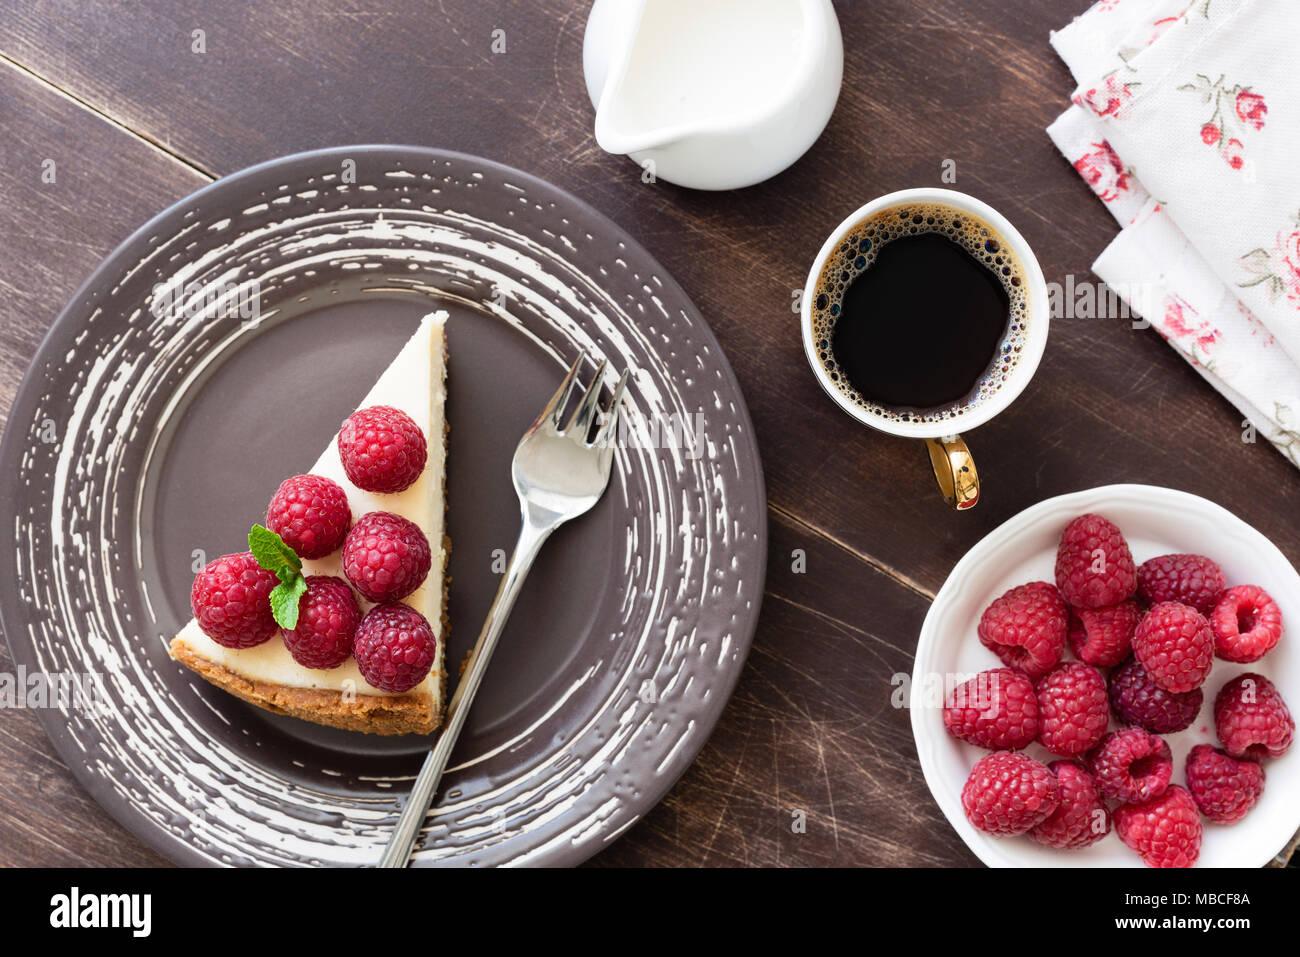 Stück Käsekuchen mit Himbeeren und Tasse Kaffee auf Holz Tisch. Ansicht von oben Stockbild